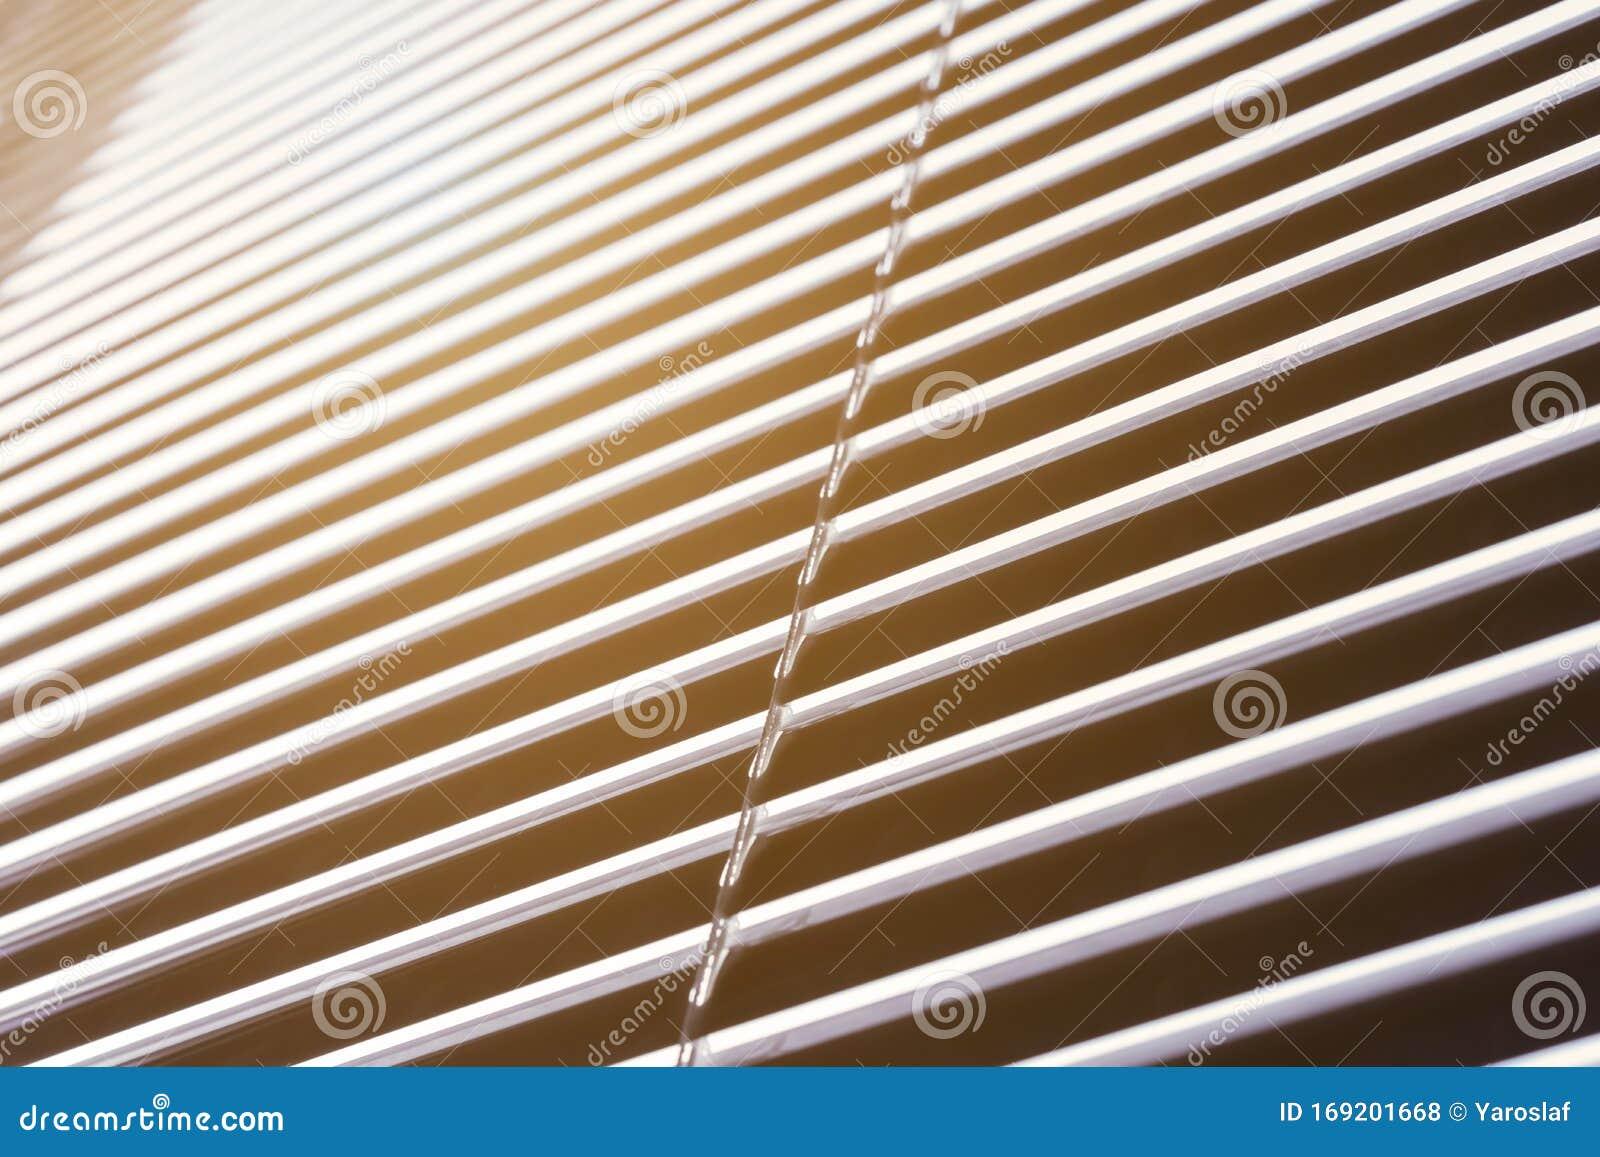 Aluminum Blinds On Window Background Stock Photo Image Of Background Office 169201668